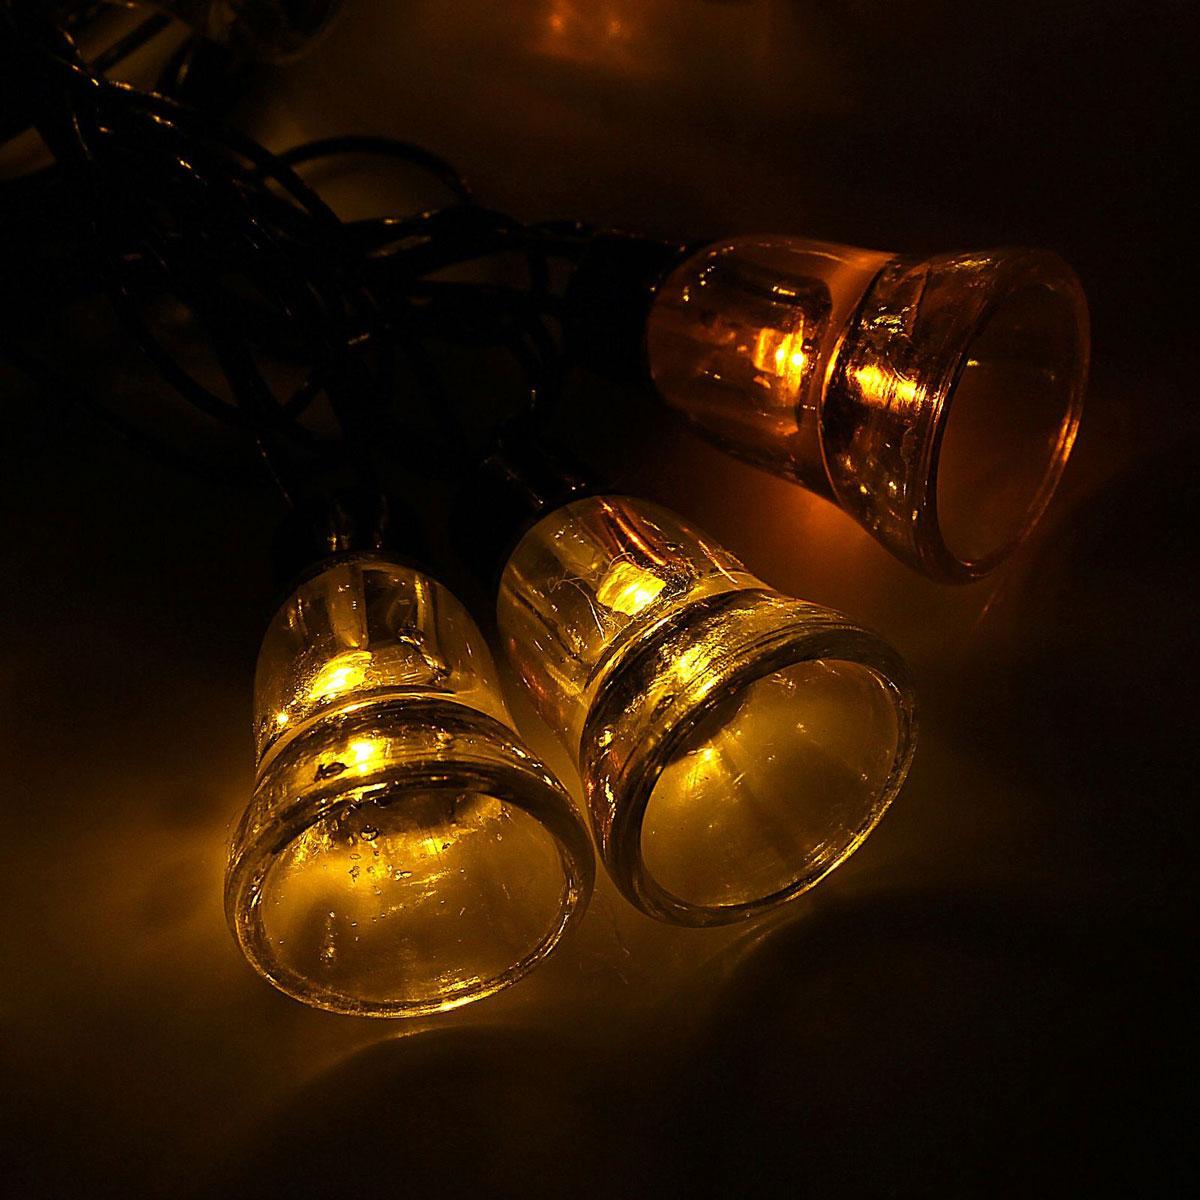 Гирлянда светодиодная Luazon Метраж. Колокол, уличная с насадкой, 8 режимов, 30 ламп, 220 V, 5 м, цвет: желтый. 10801211080121Светодиодные гирлянды, ленты и т.д. — это отличный вариант для новогоднего оформления интерьера или фасада. С их помощью помещение любого размера можно превратить в праздничный зал, а внешние элементы зданий, украшенные ими, мгновенно станут напоминать очертания сказочного дворца. Такие украшения создают ауру предвкушения чуда. Деревья, фасады, витрины, окна и арки будто специально созданы, чтобы вы украсили их светящимися нитями.